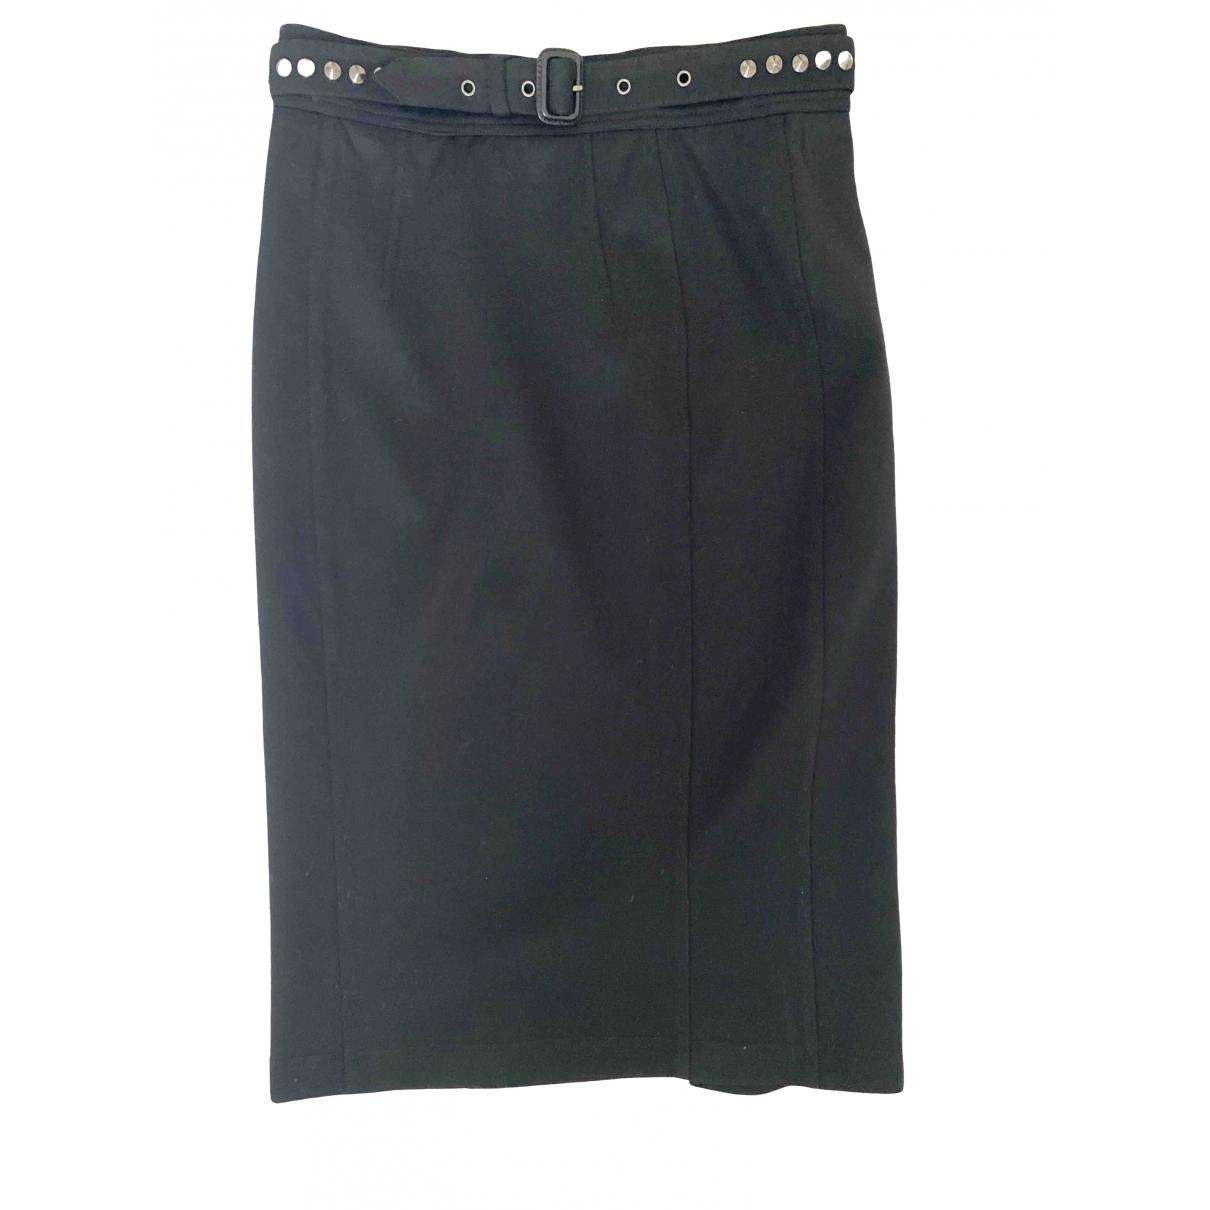 Burberry \N Black skirt for Women 36 IT